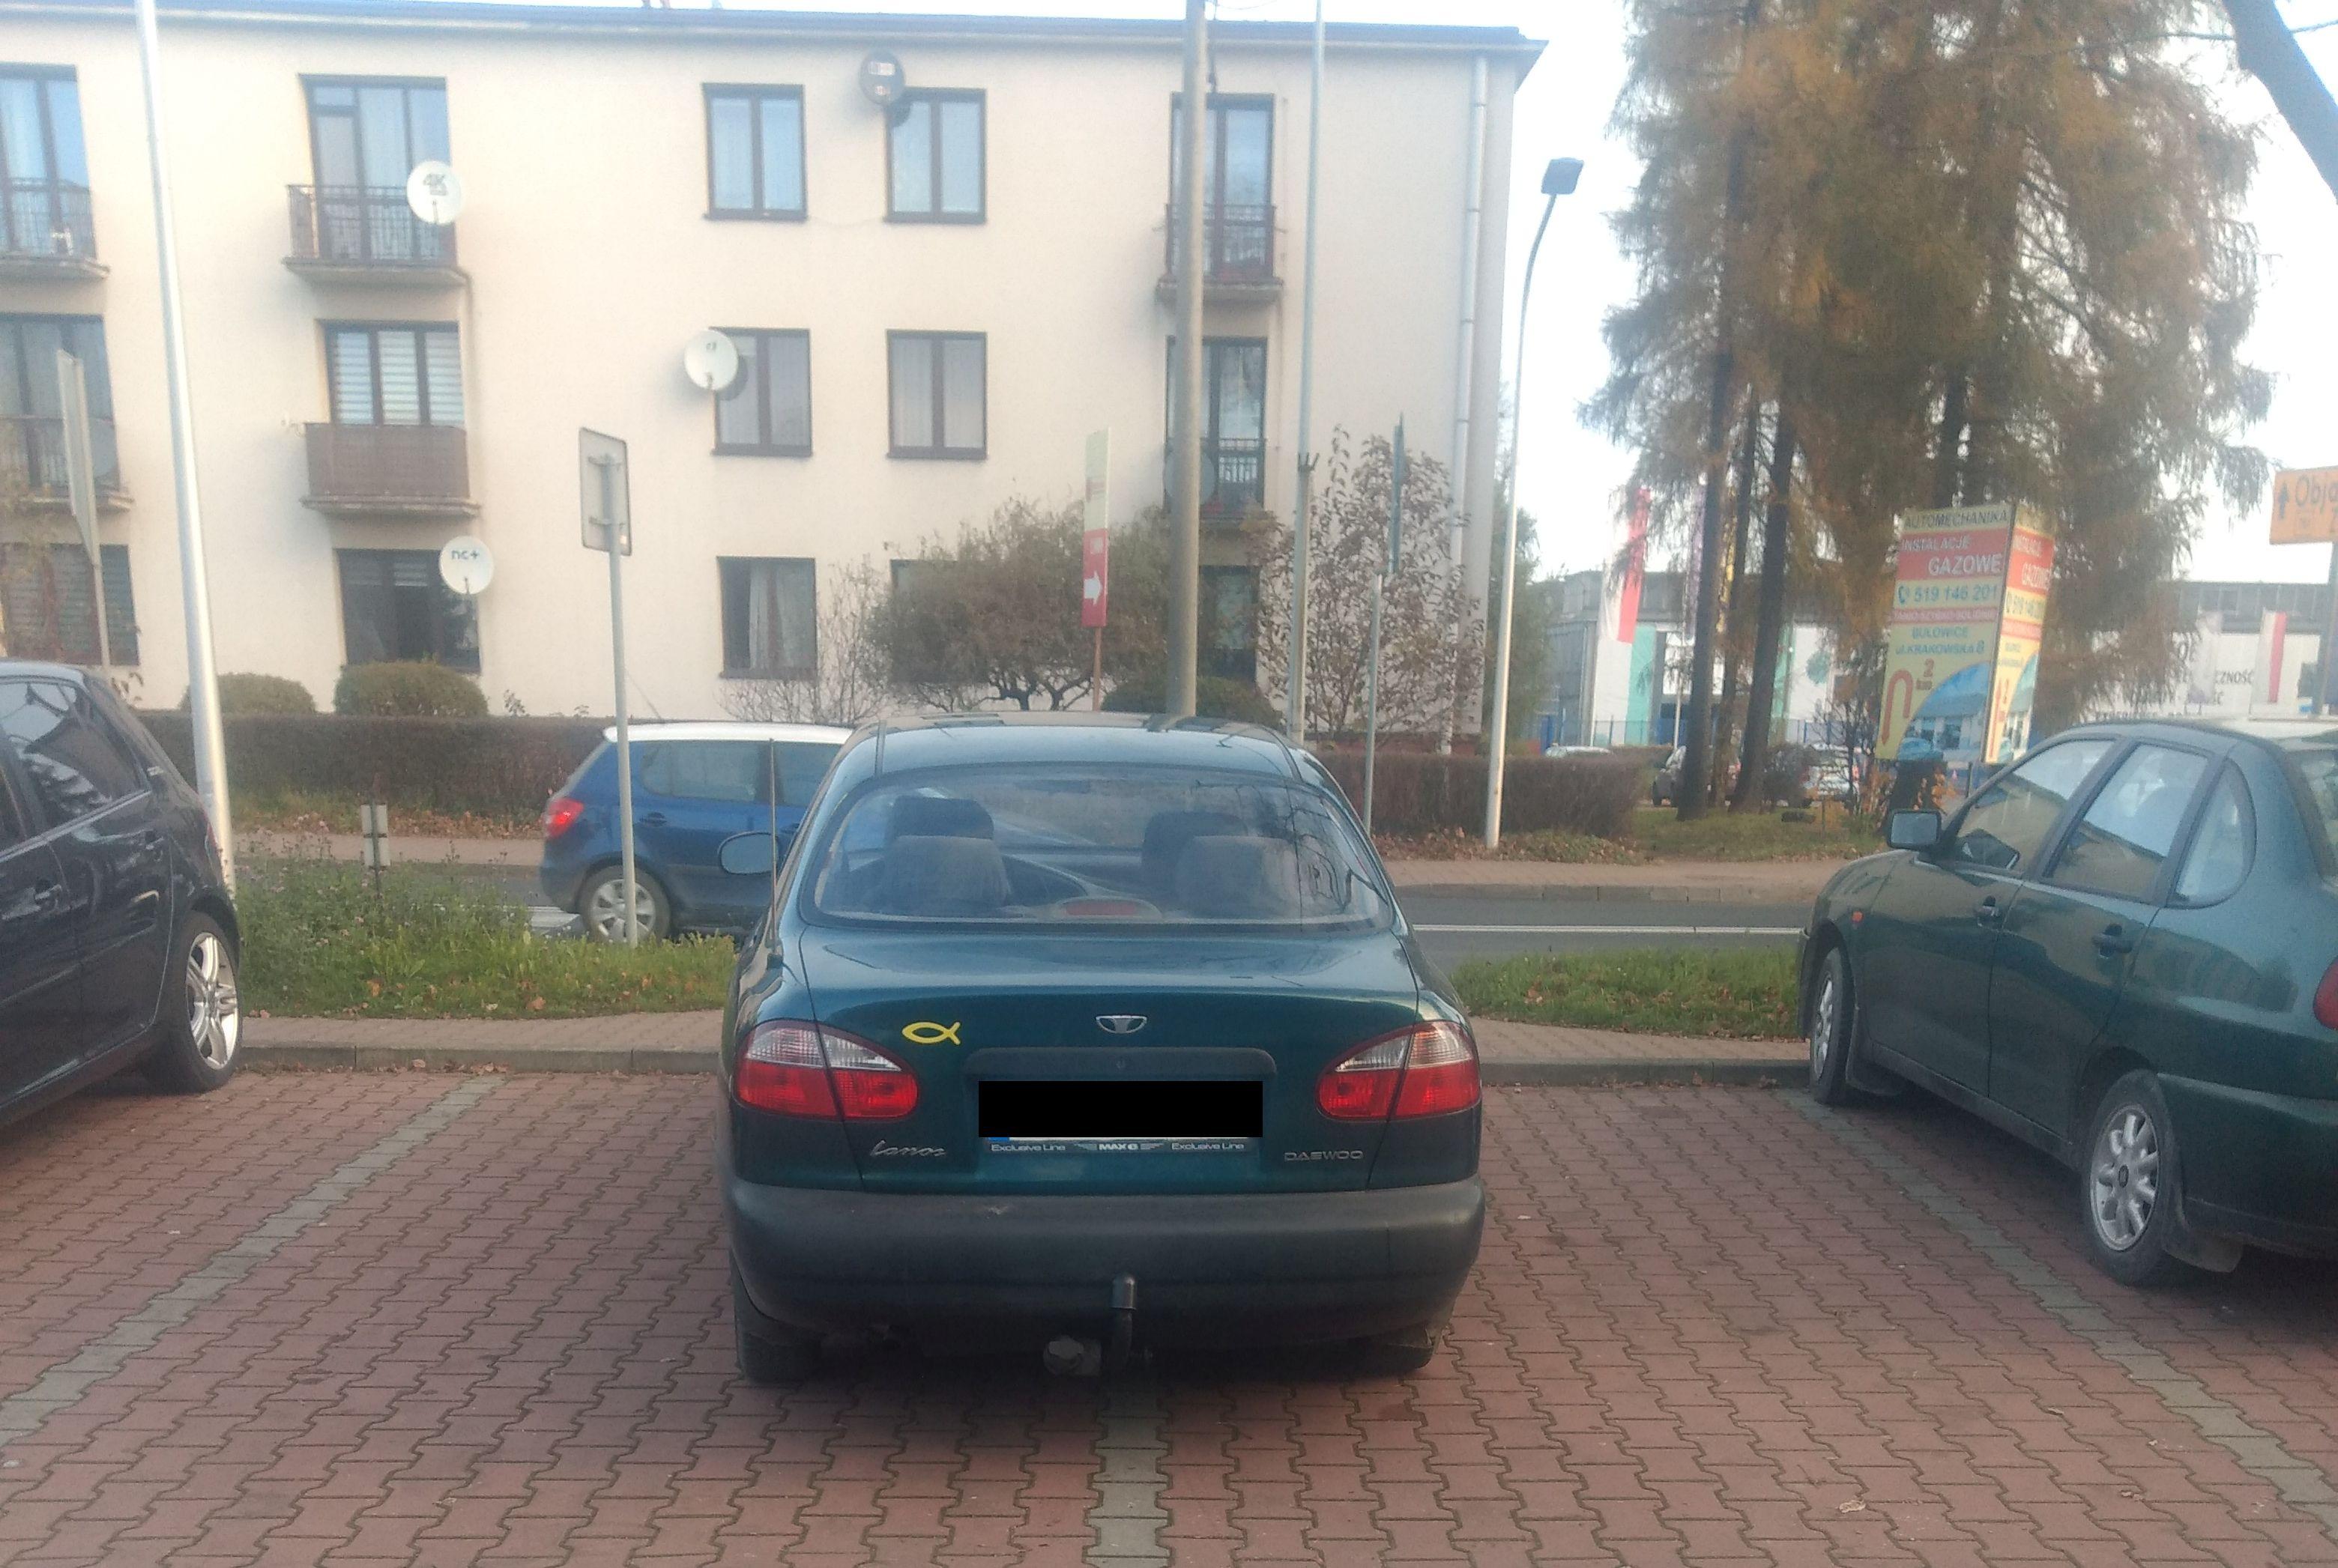 Mistrzowie parkowania. Taka sytuacja przed przychodnią w Andrychowie